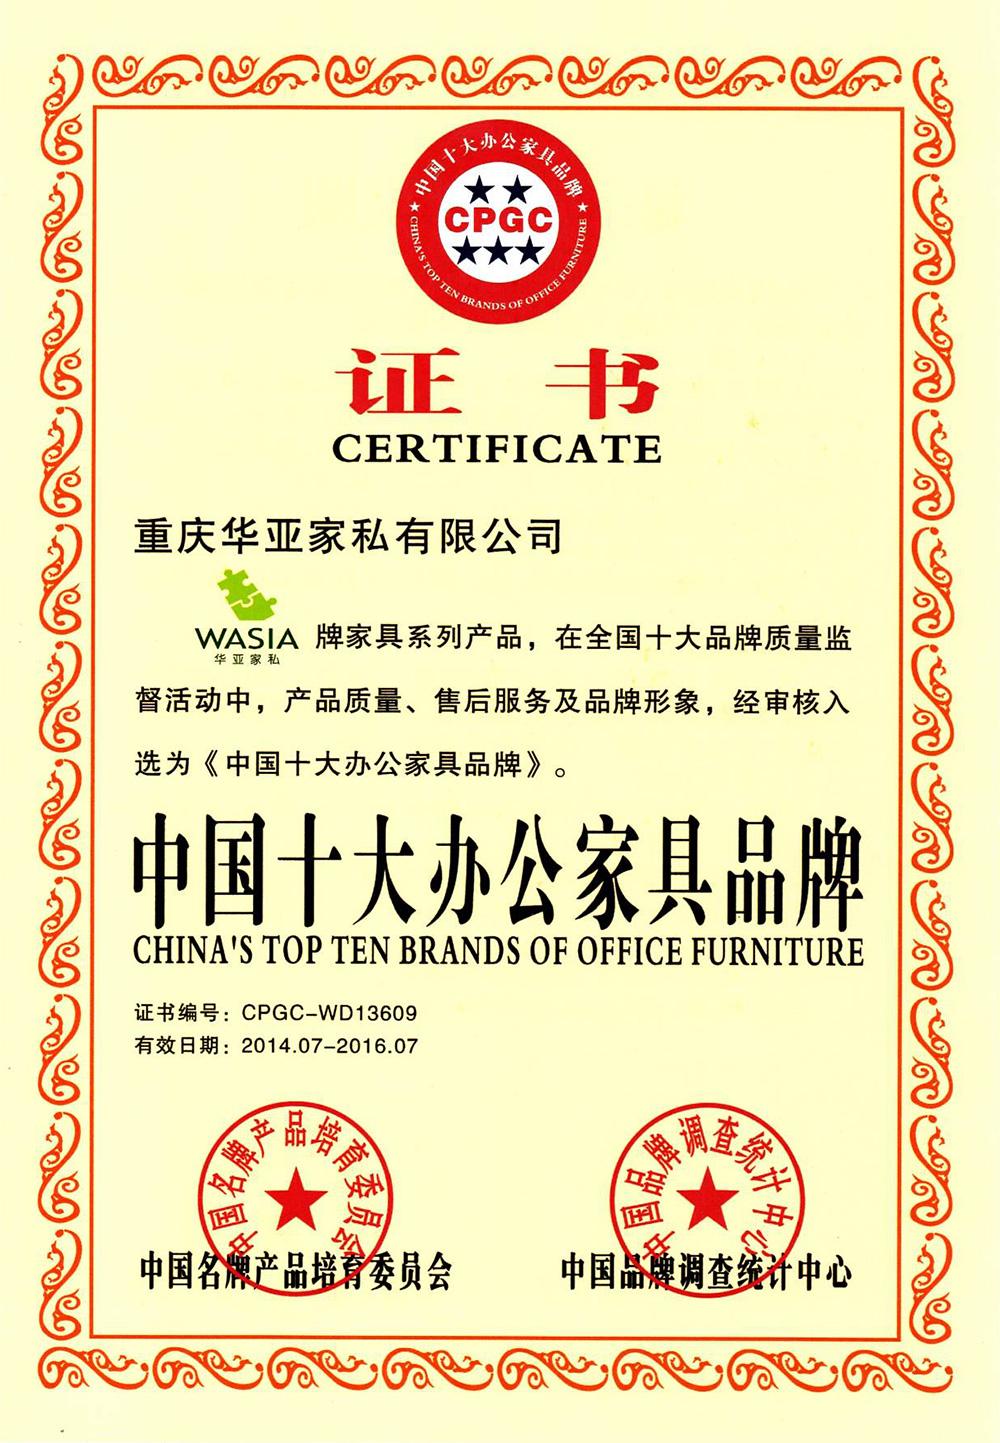 中國十大辦公家具品牌